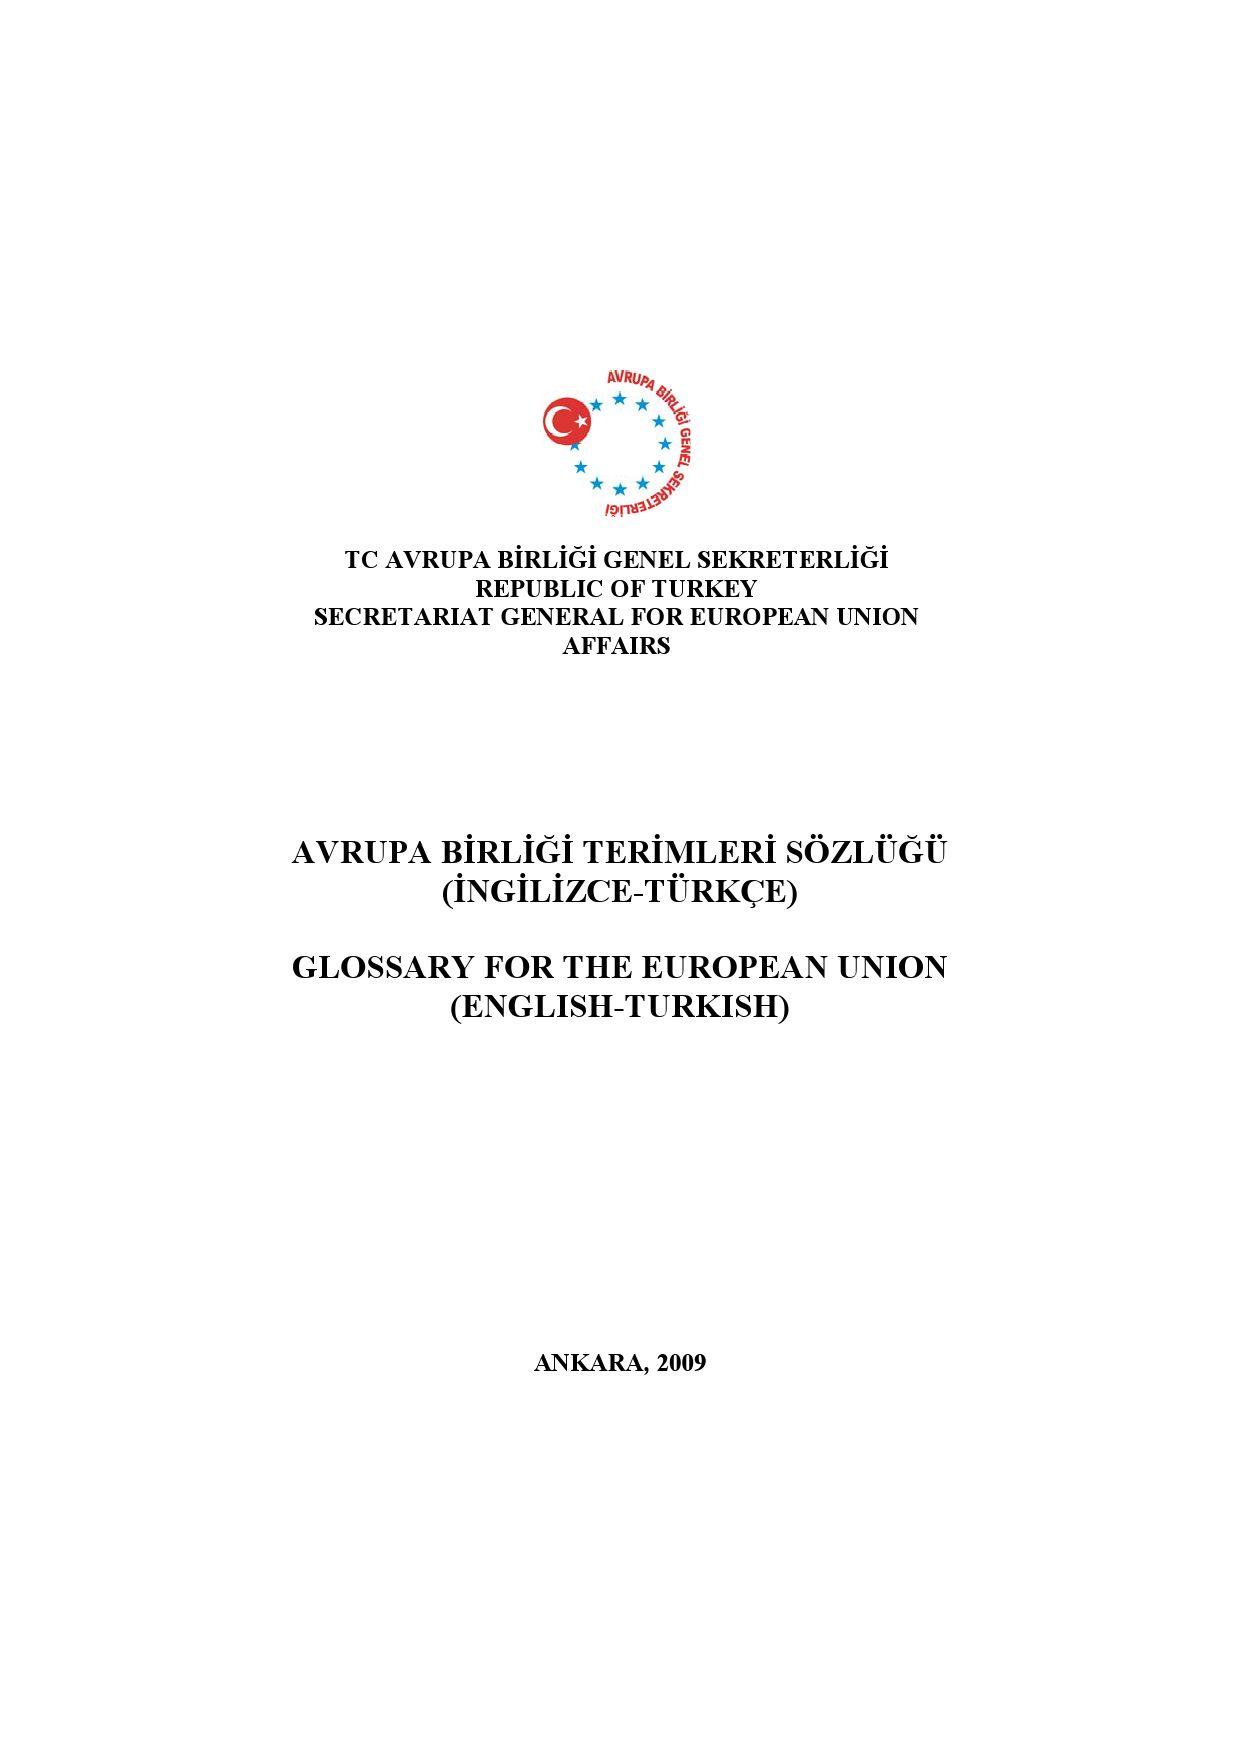 Krasnopolyanskoe sabunu: ürünler ve yorumlar 58